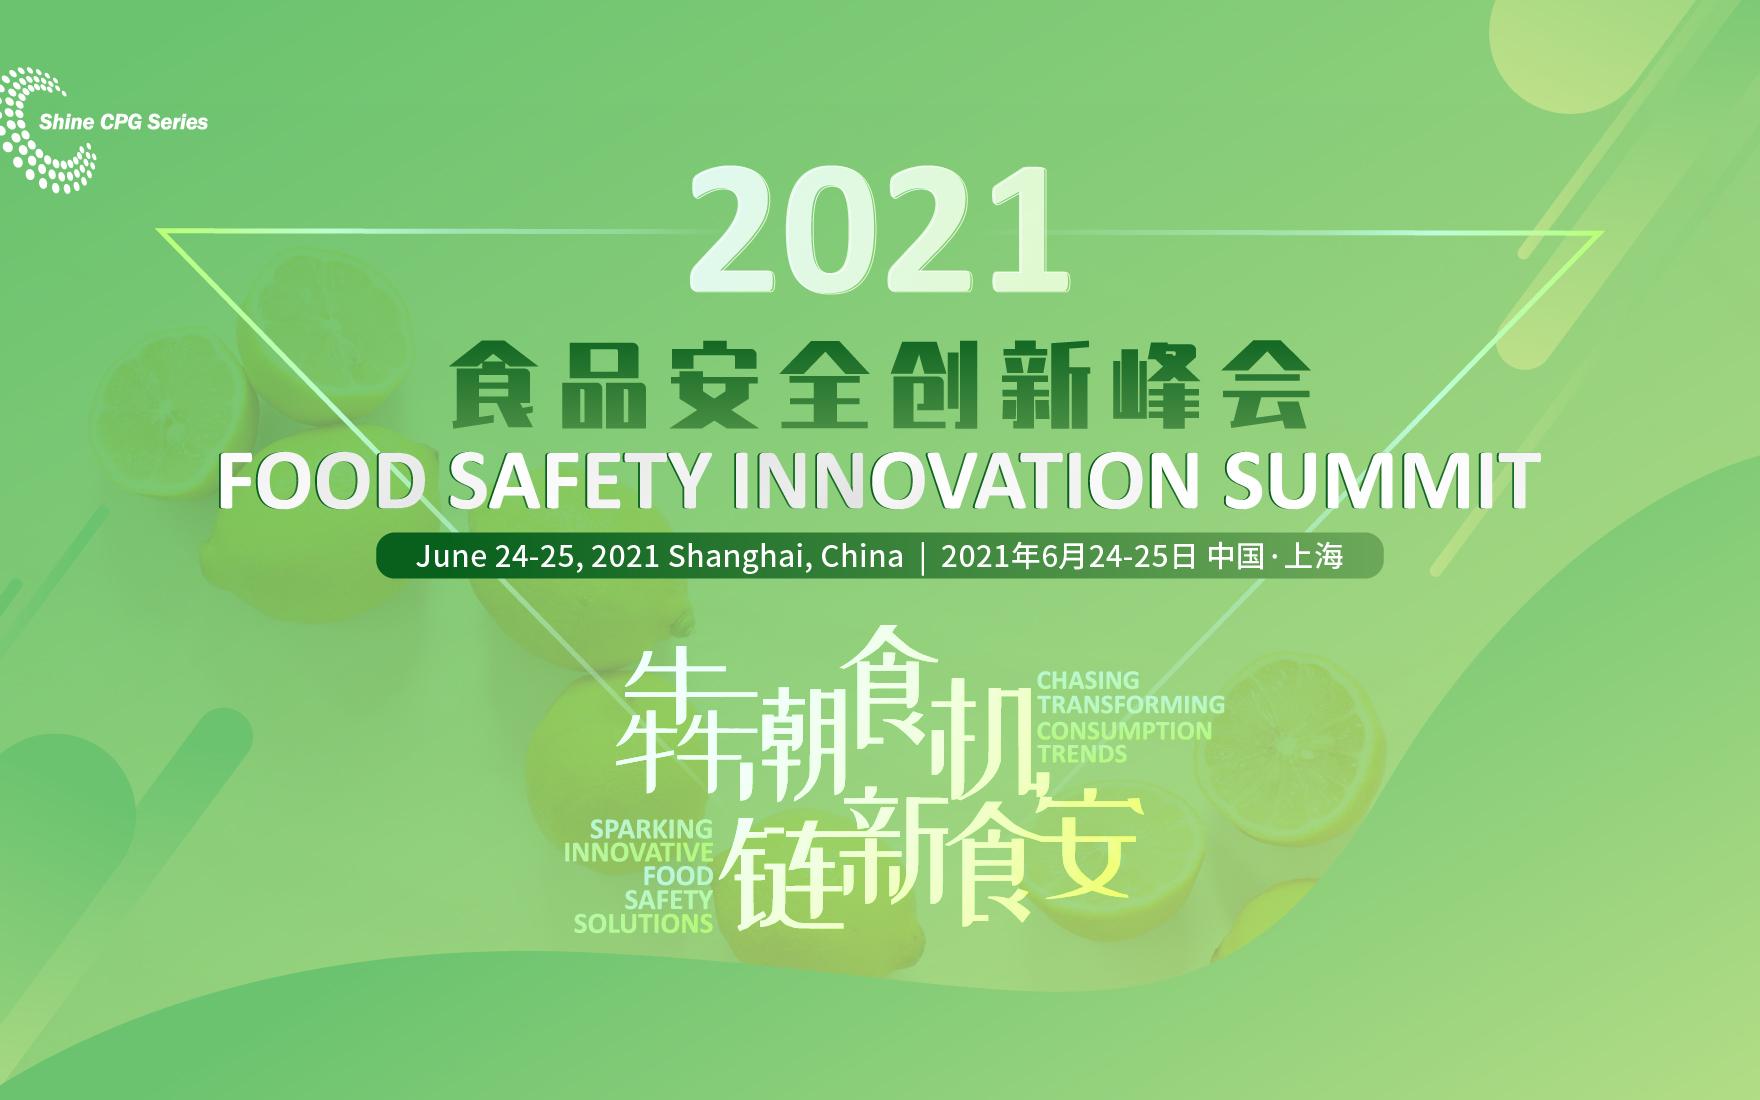 2021食品安全创新峰会